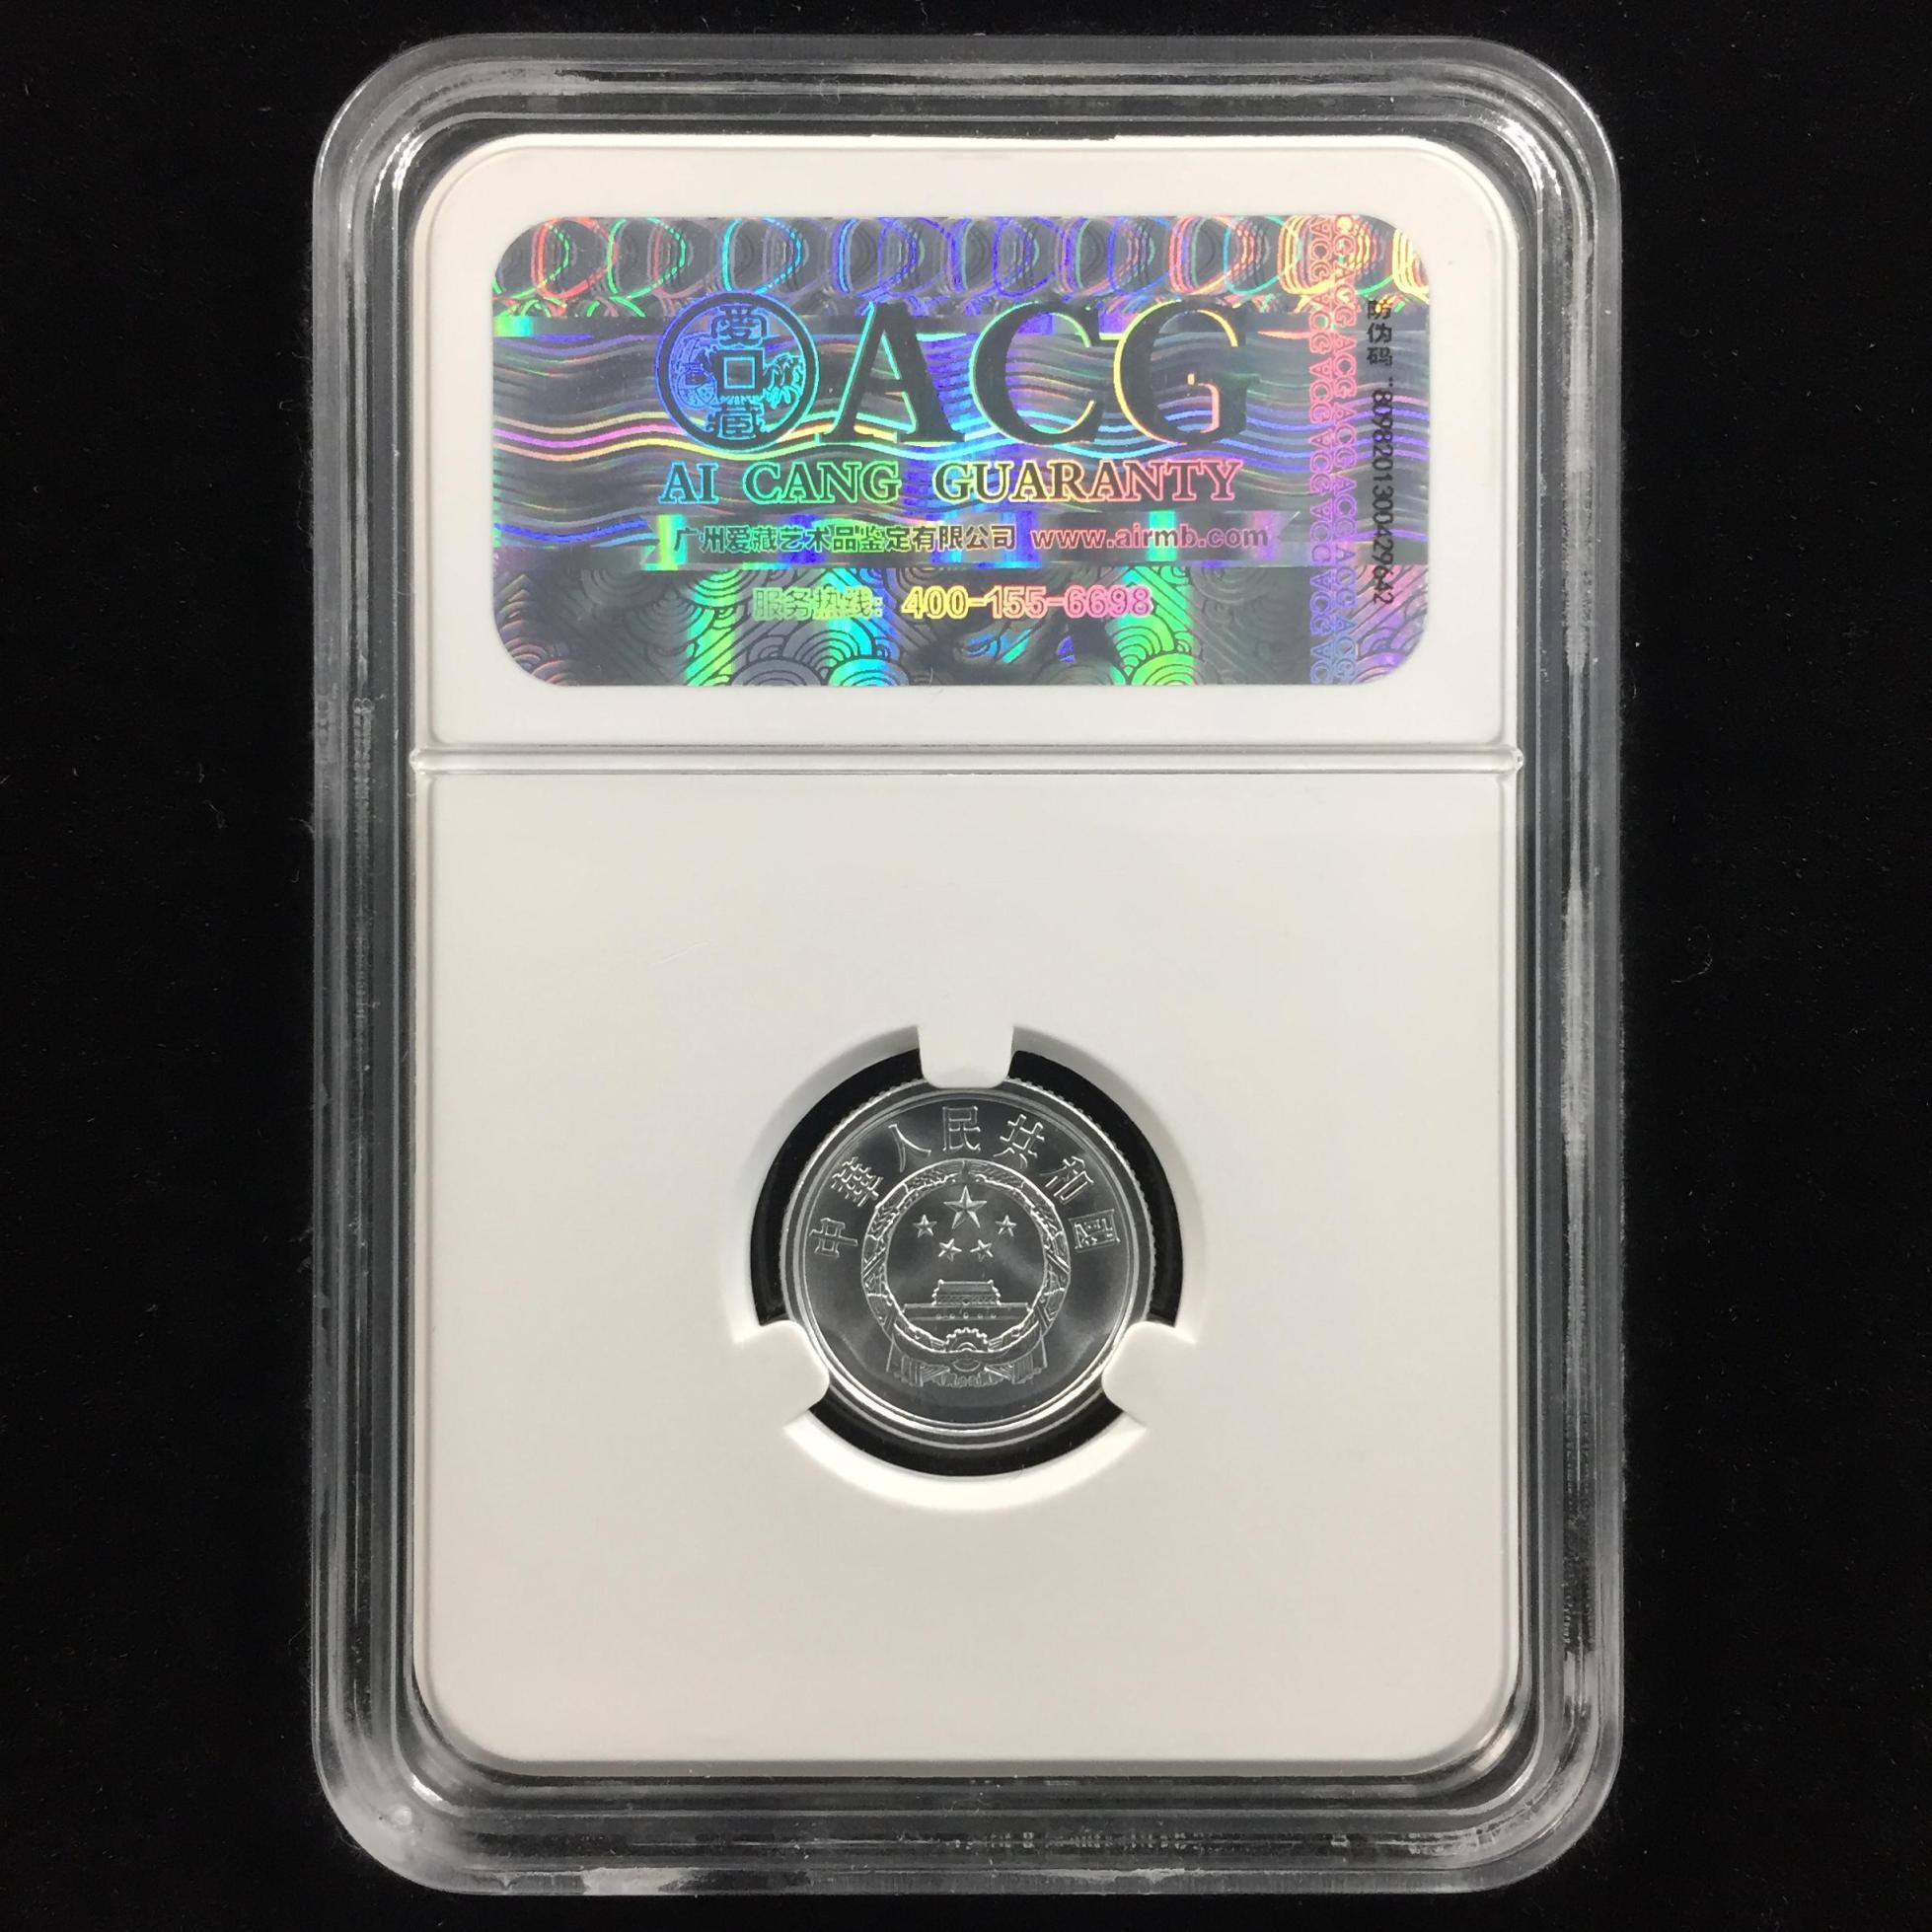 双齿币→2013年1分硬币→ACG鉴定证书-10768243